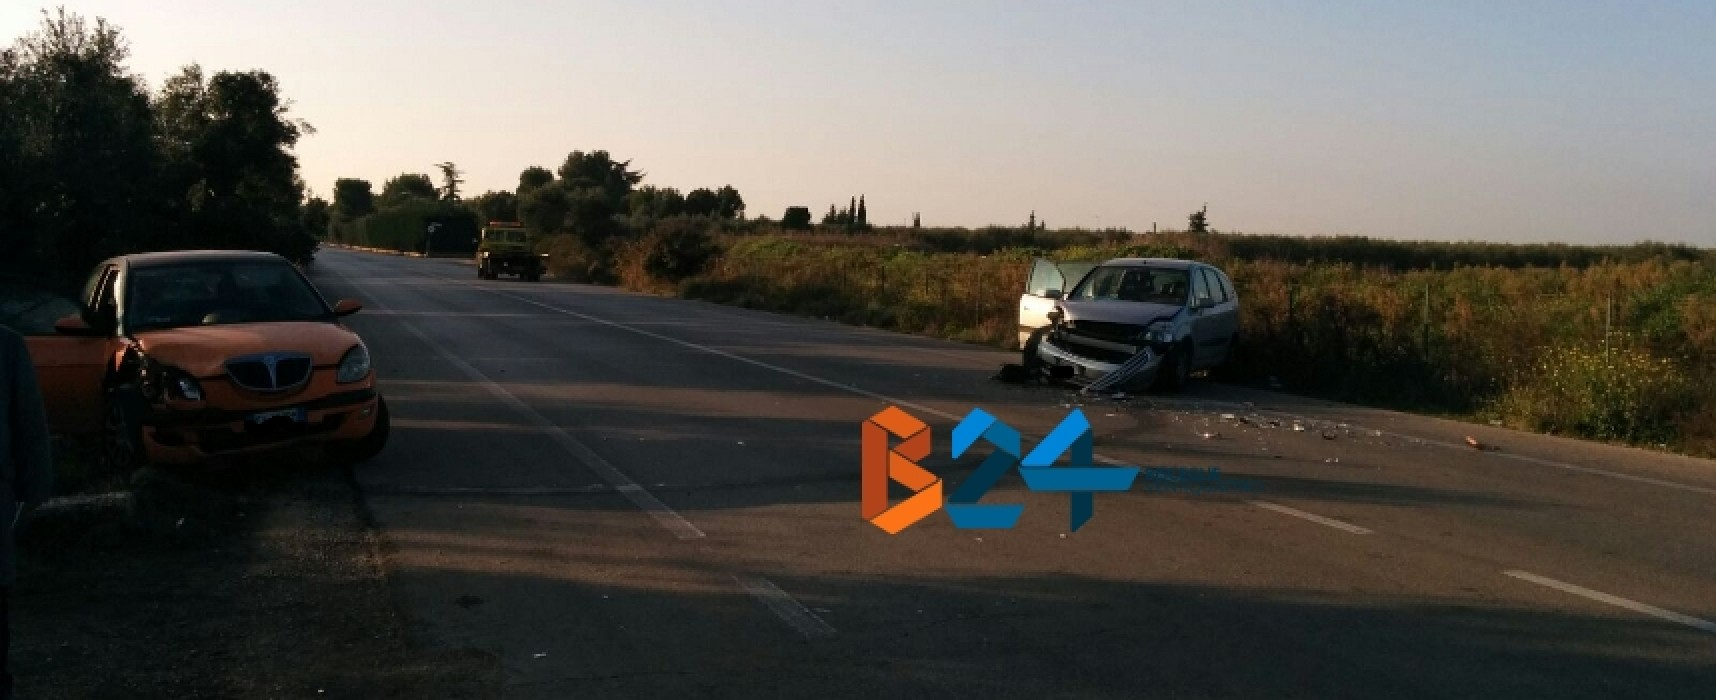 Incidente sulla provinciale Bisceglie-Andria, due auto coinvolte / FOTO